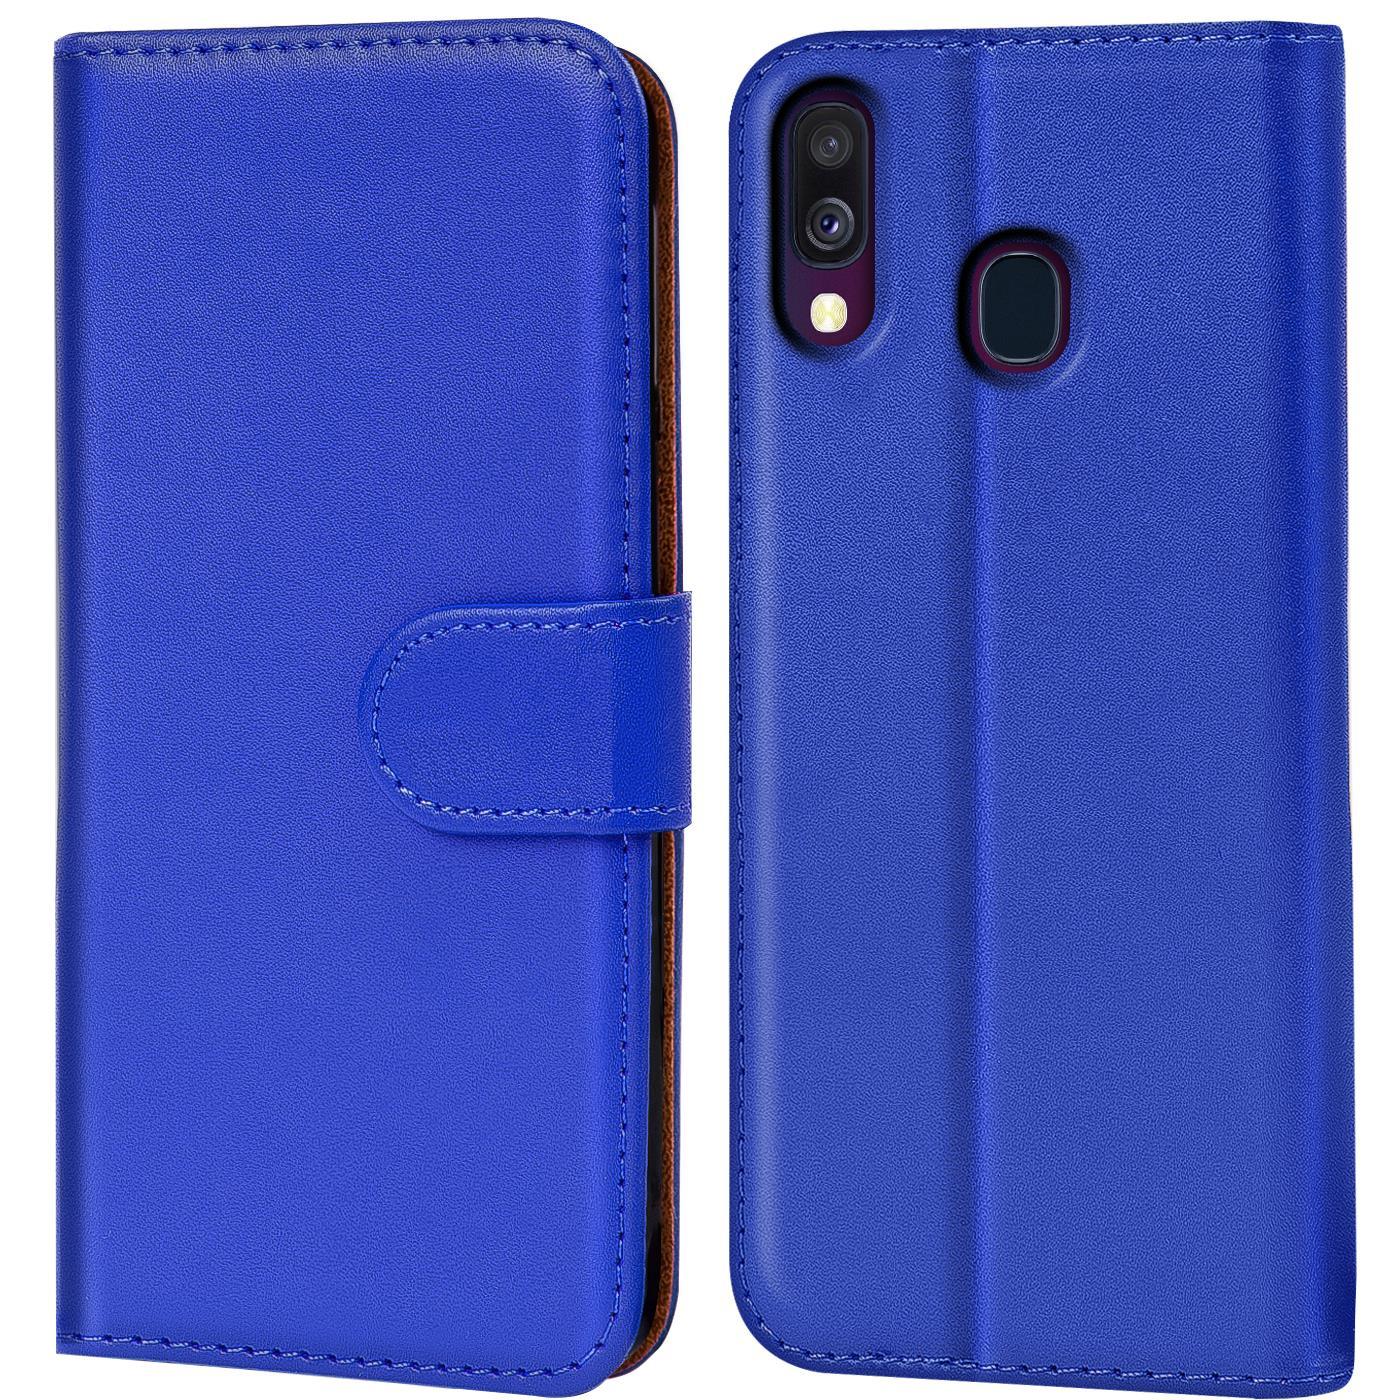 Schutz-Huelle-Samsung-Galaxy-A40-Handy-Klapp-Tasche-Book-Flip-Case-Schutzhuelle Indexbild 8